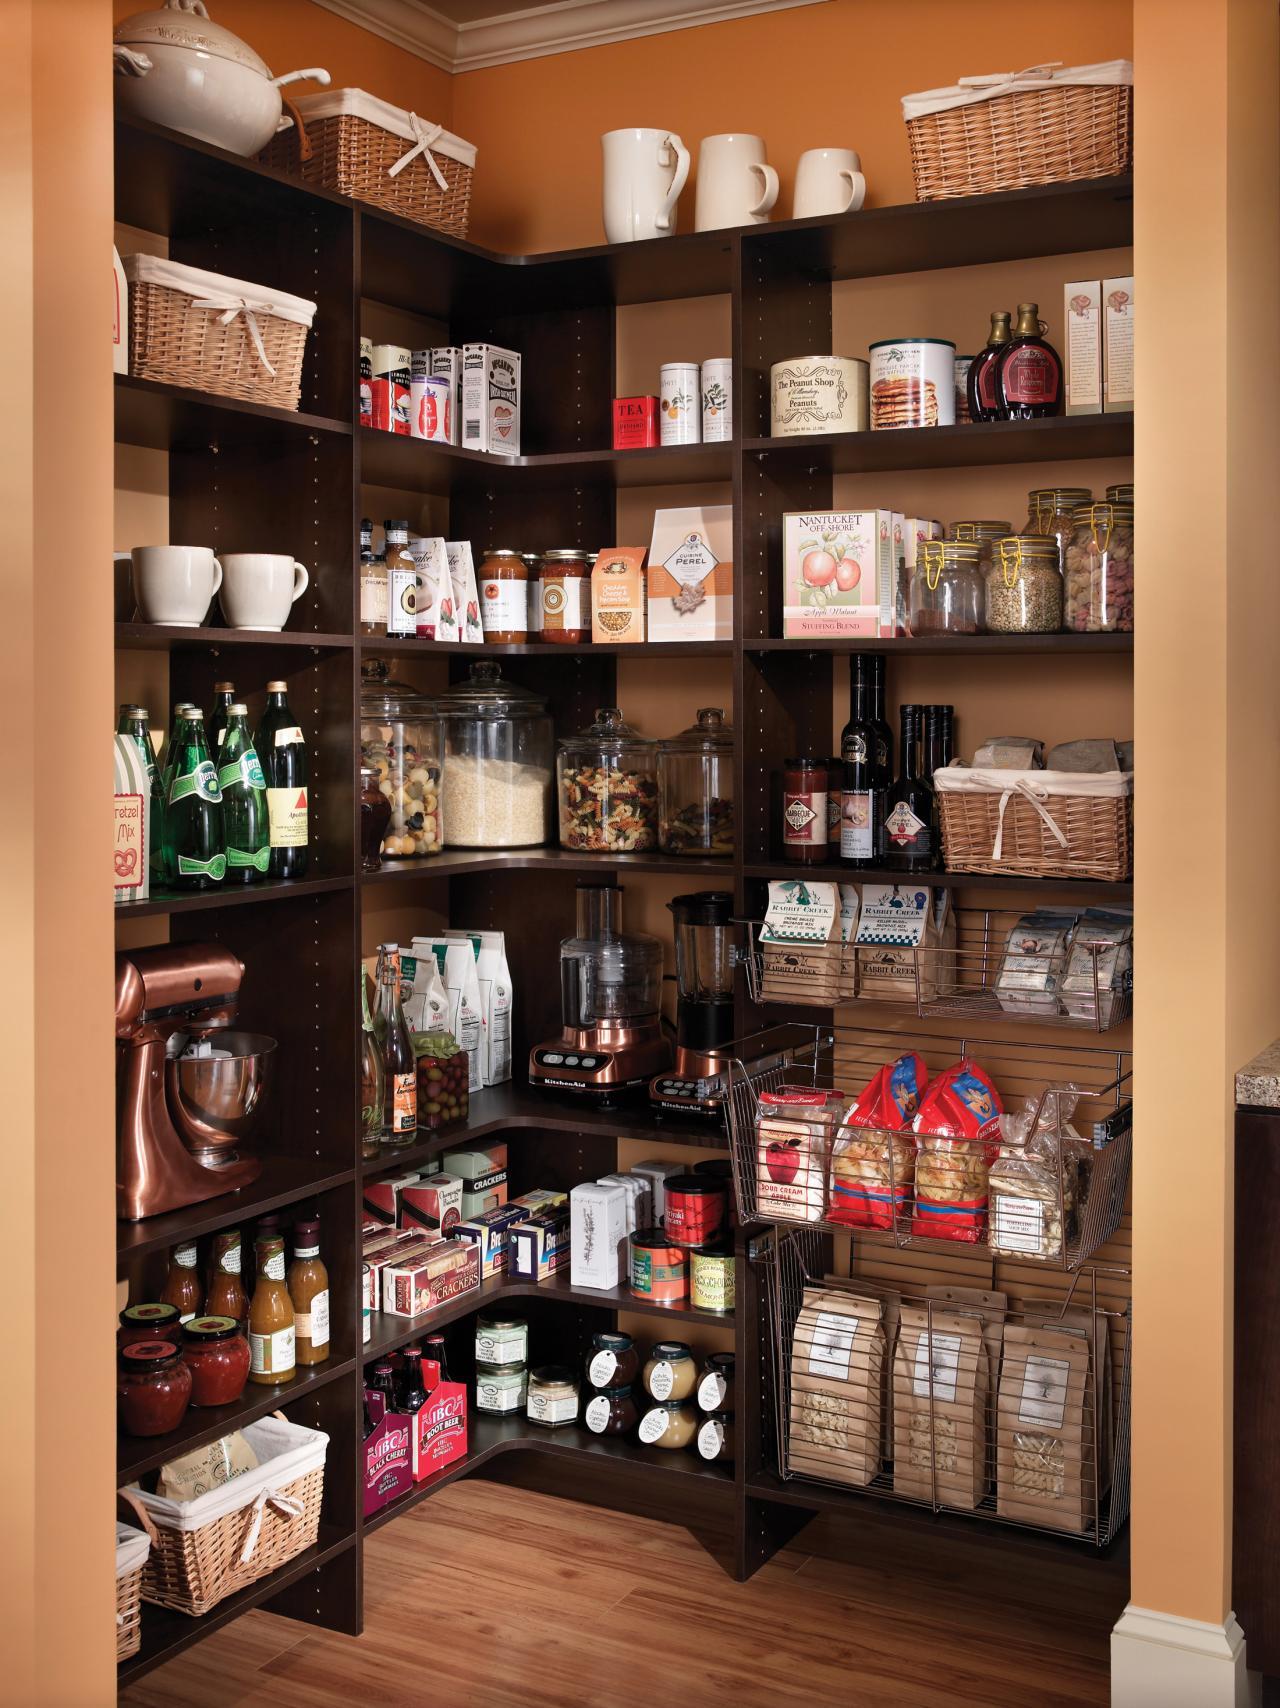 Pantry storage pantry organization and storage ideas HIVFJNC